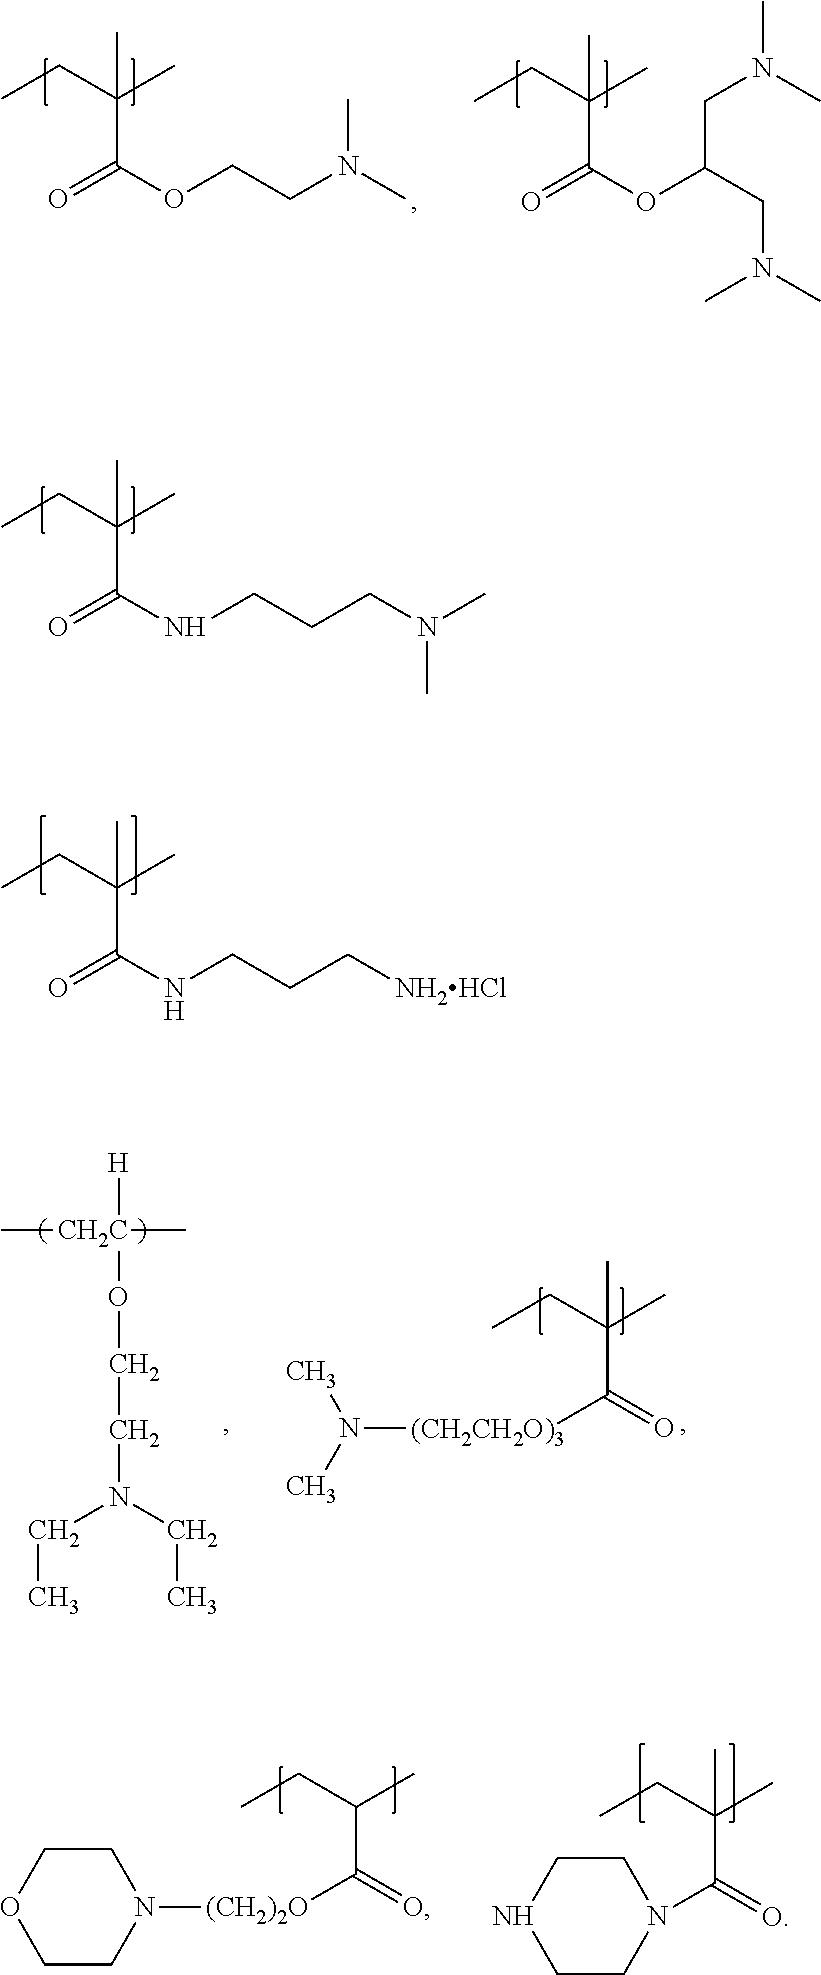 Figure US20110183852A1-20110728-C00002